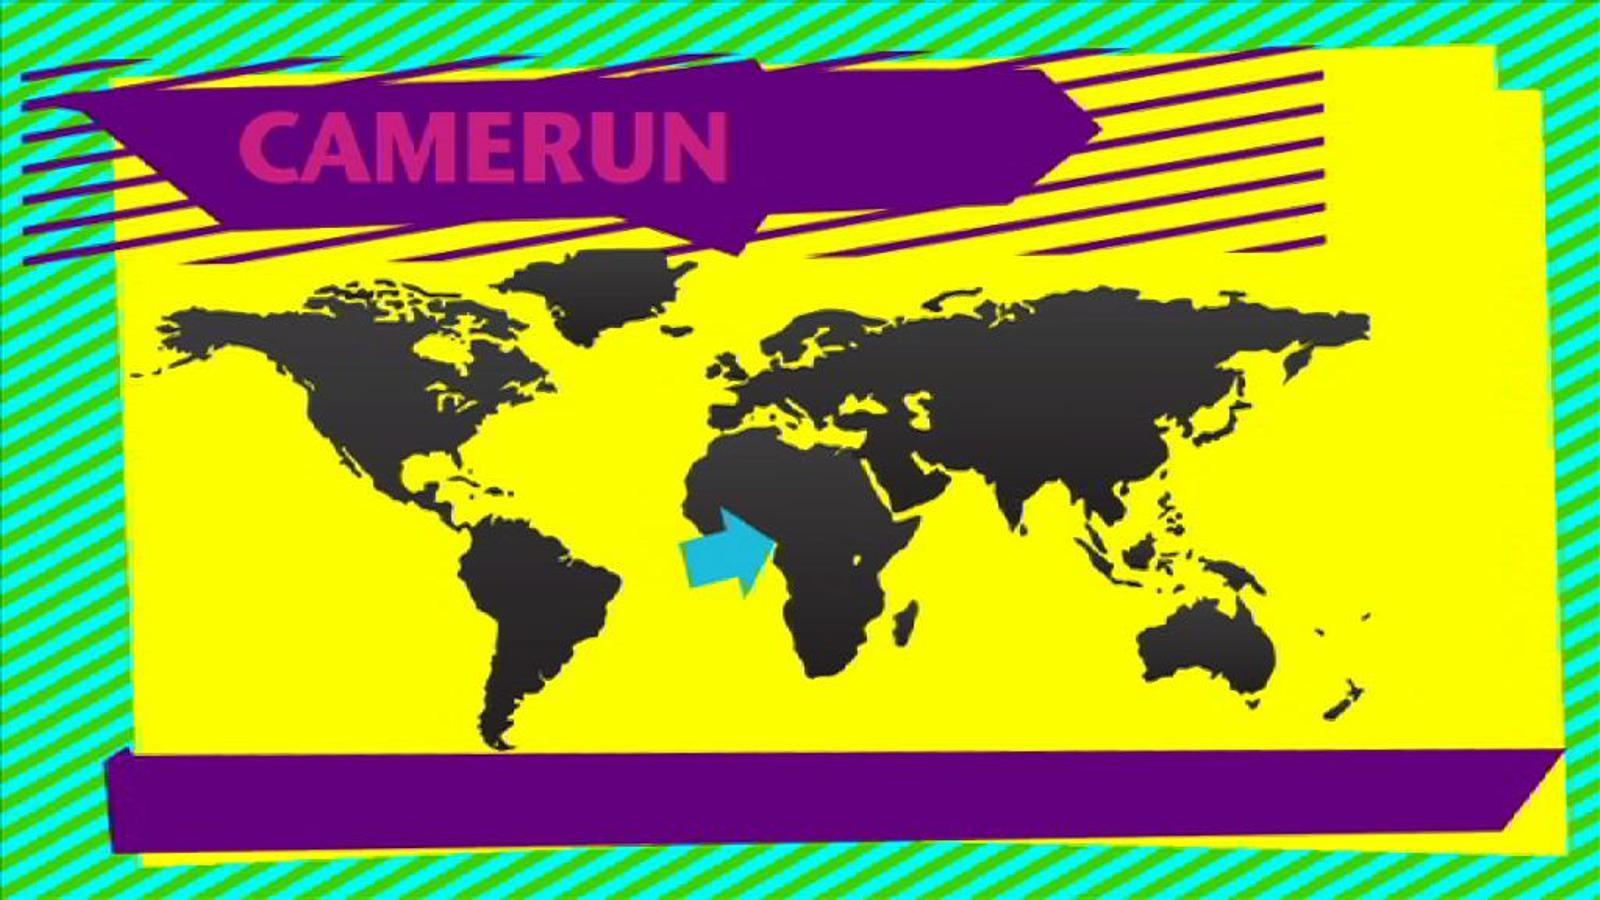 Criatures: Nadons a Camerun, per a pares globals